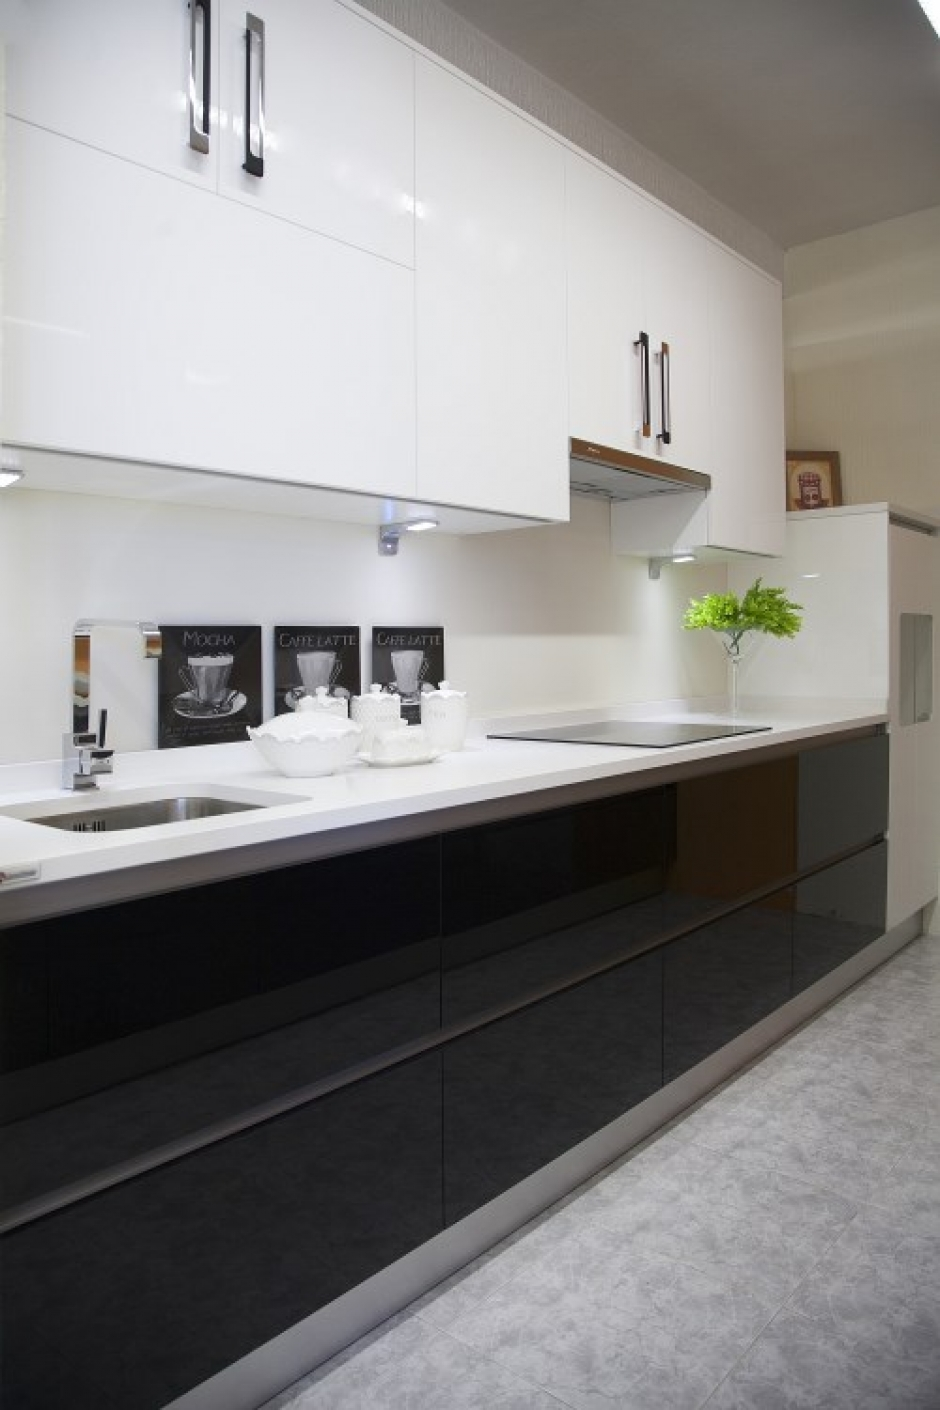 Formica alto brillo blanco y negro muebles judi for Encimera negra brillo